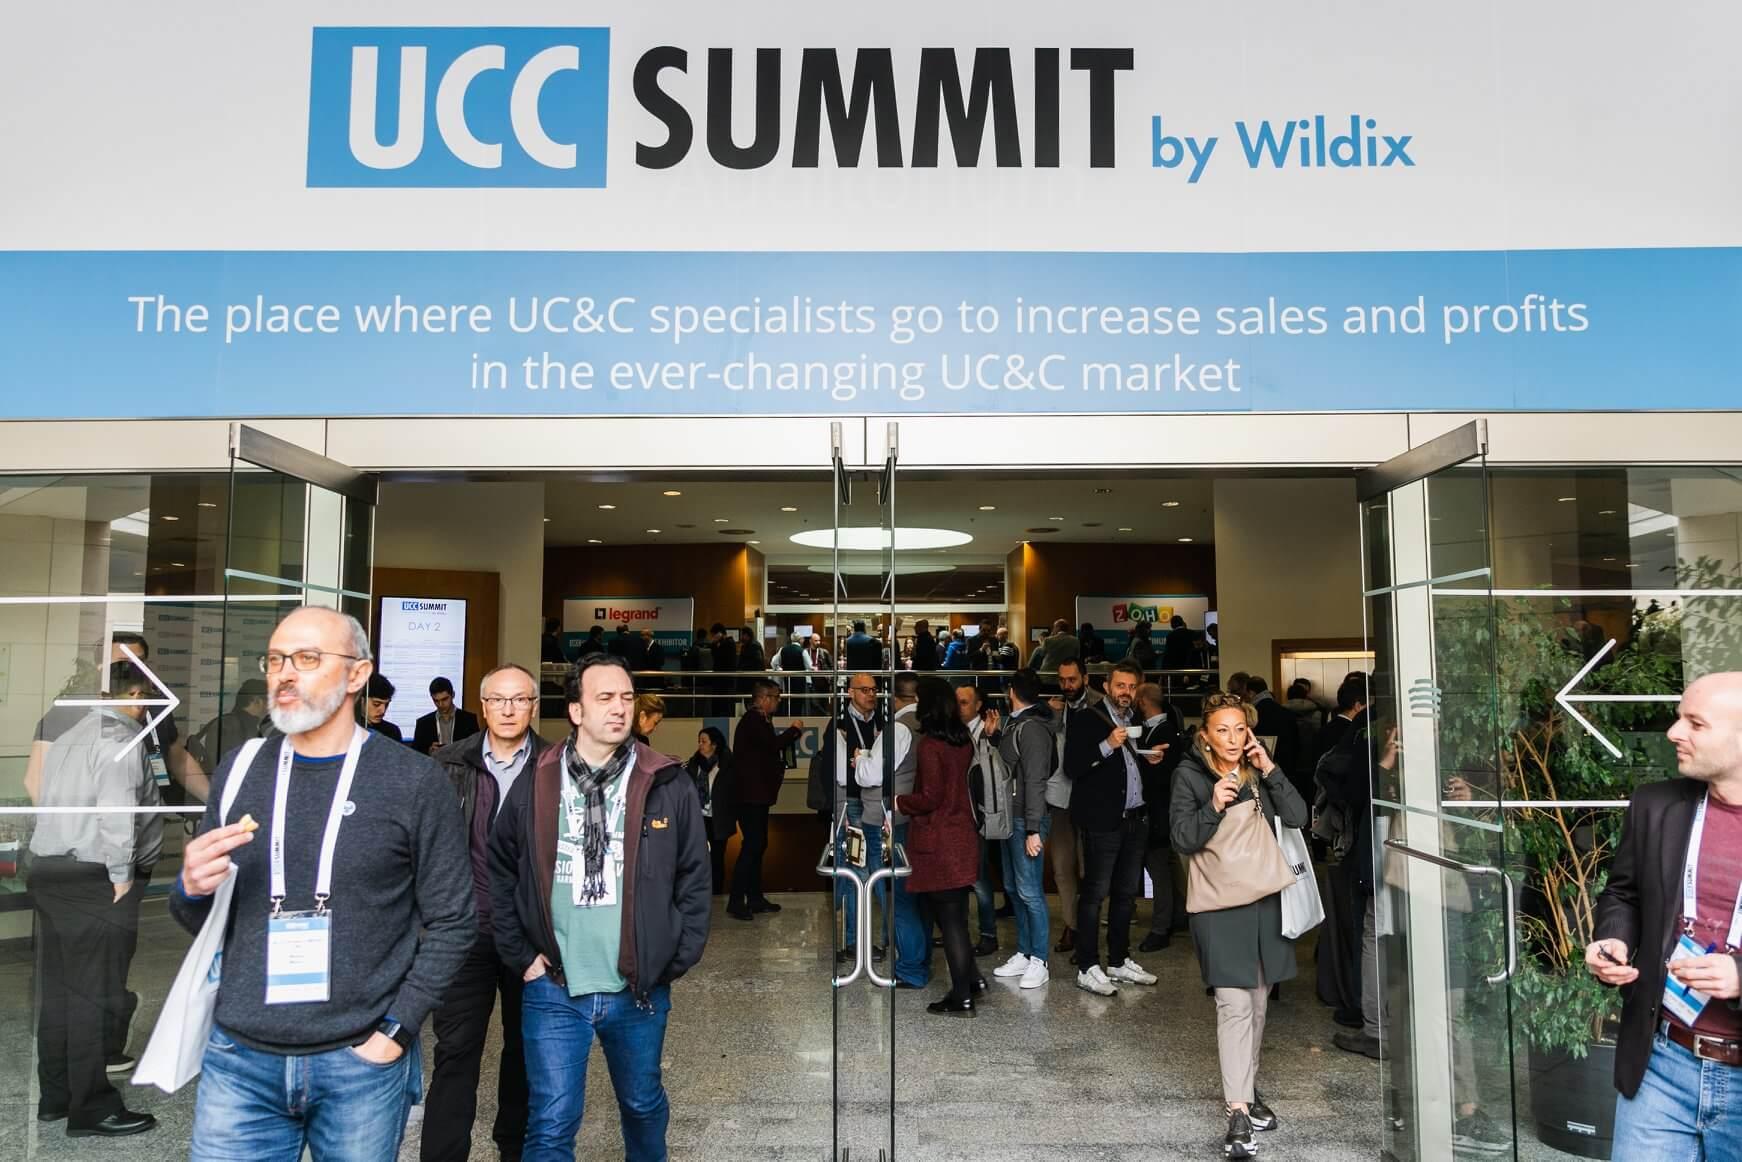 ucc-summit-2019-wildix-4